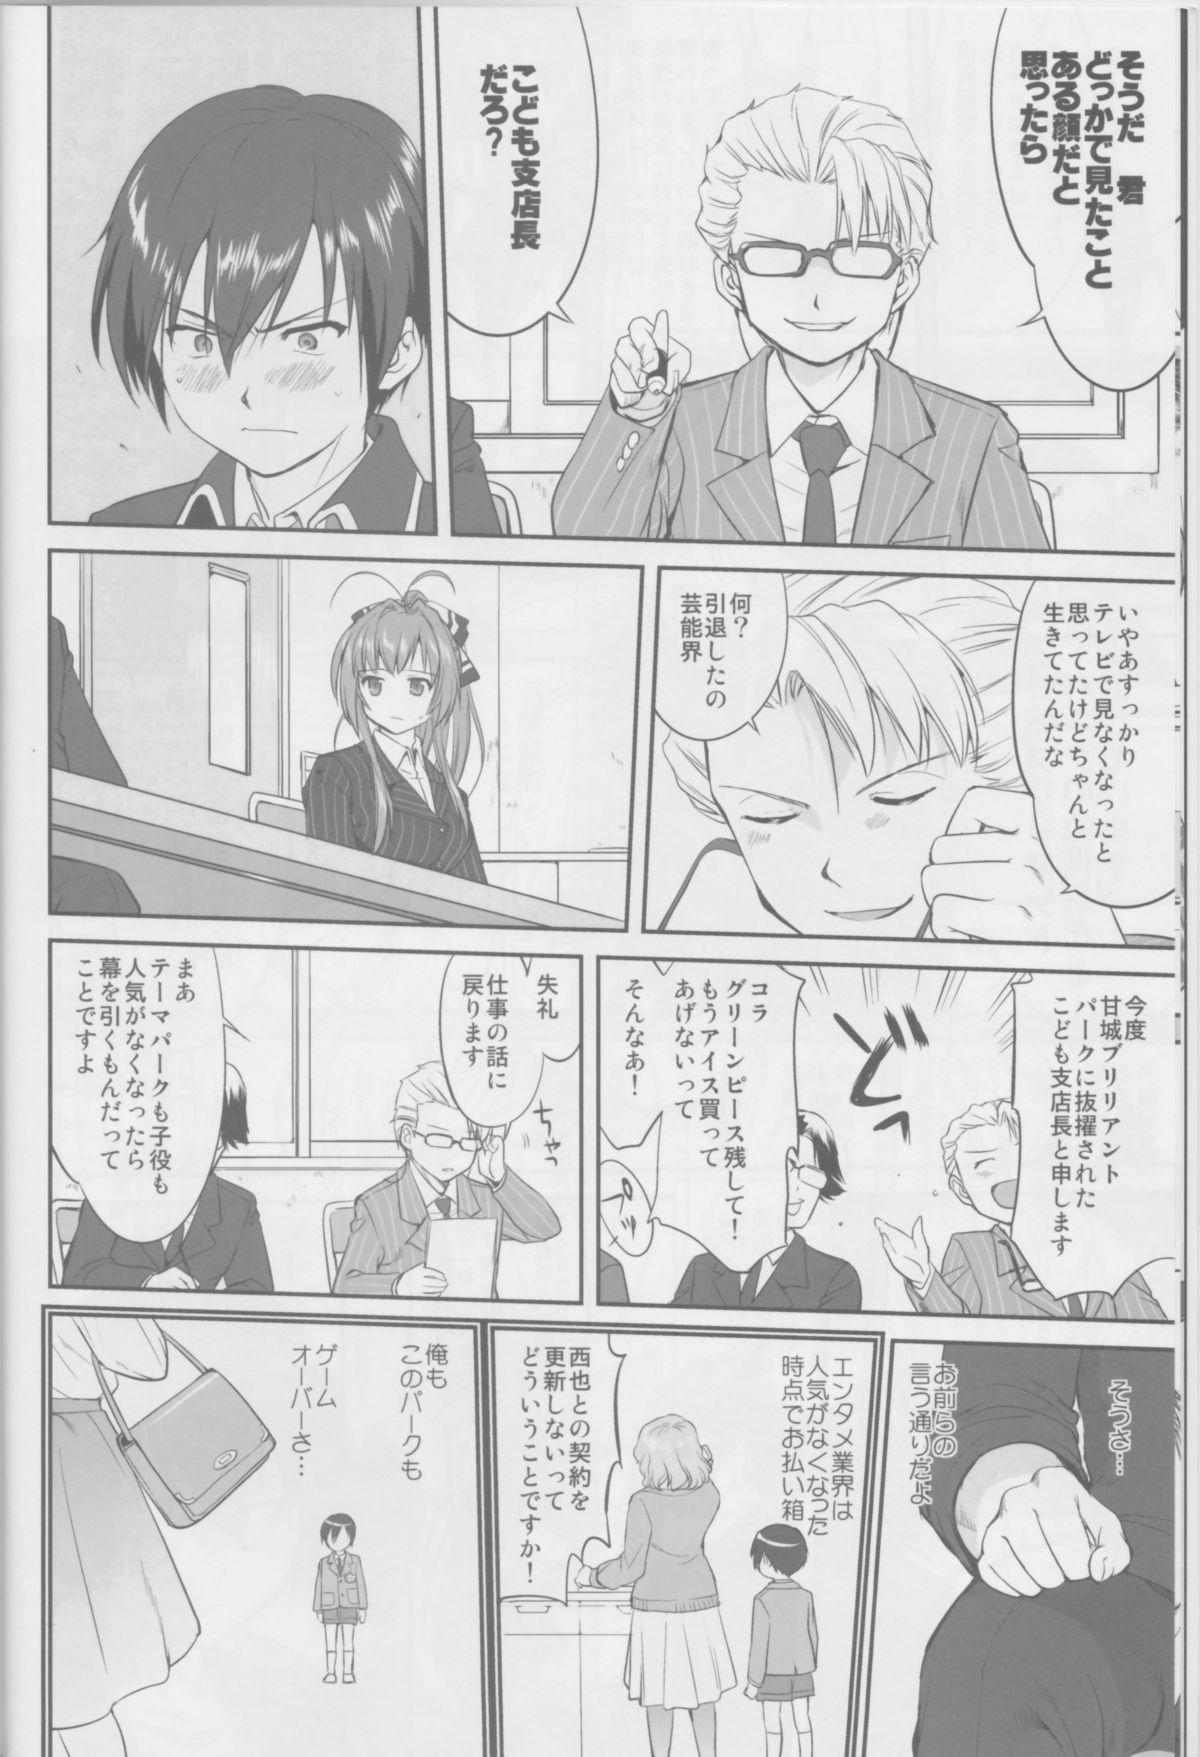 Amagi Strip Gekijou 8